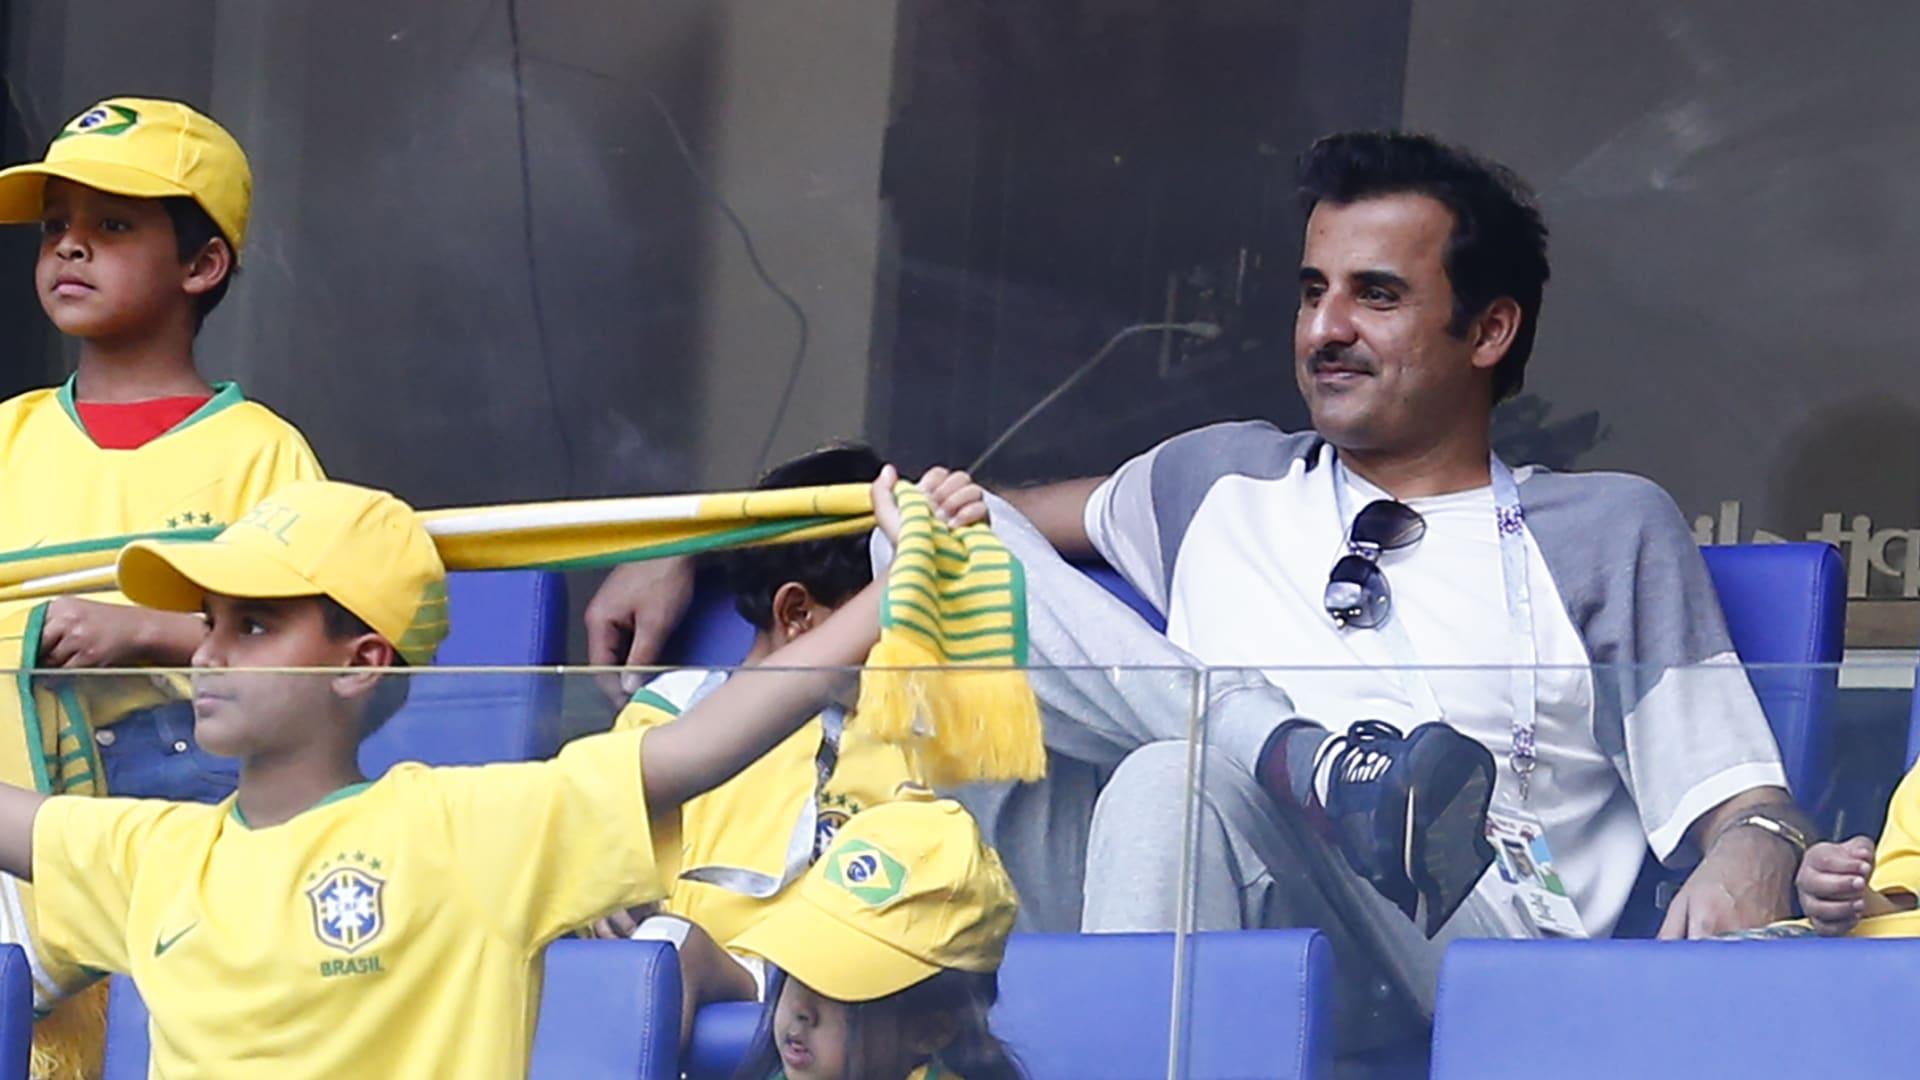 """رئيس الاتحاد الأوروبي يبرز شغف قادة قطر بكرة القدم ويصفها بـ""""سويسرا الشرق الأوسط"""""""